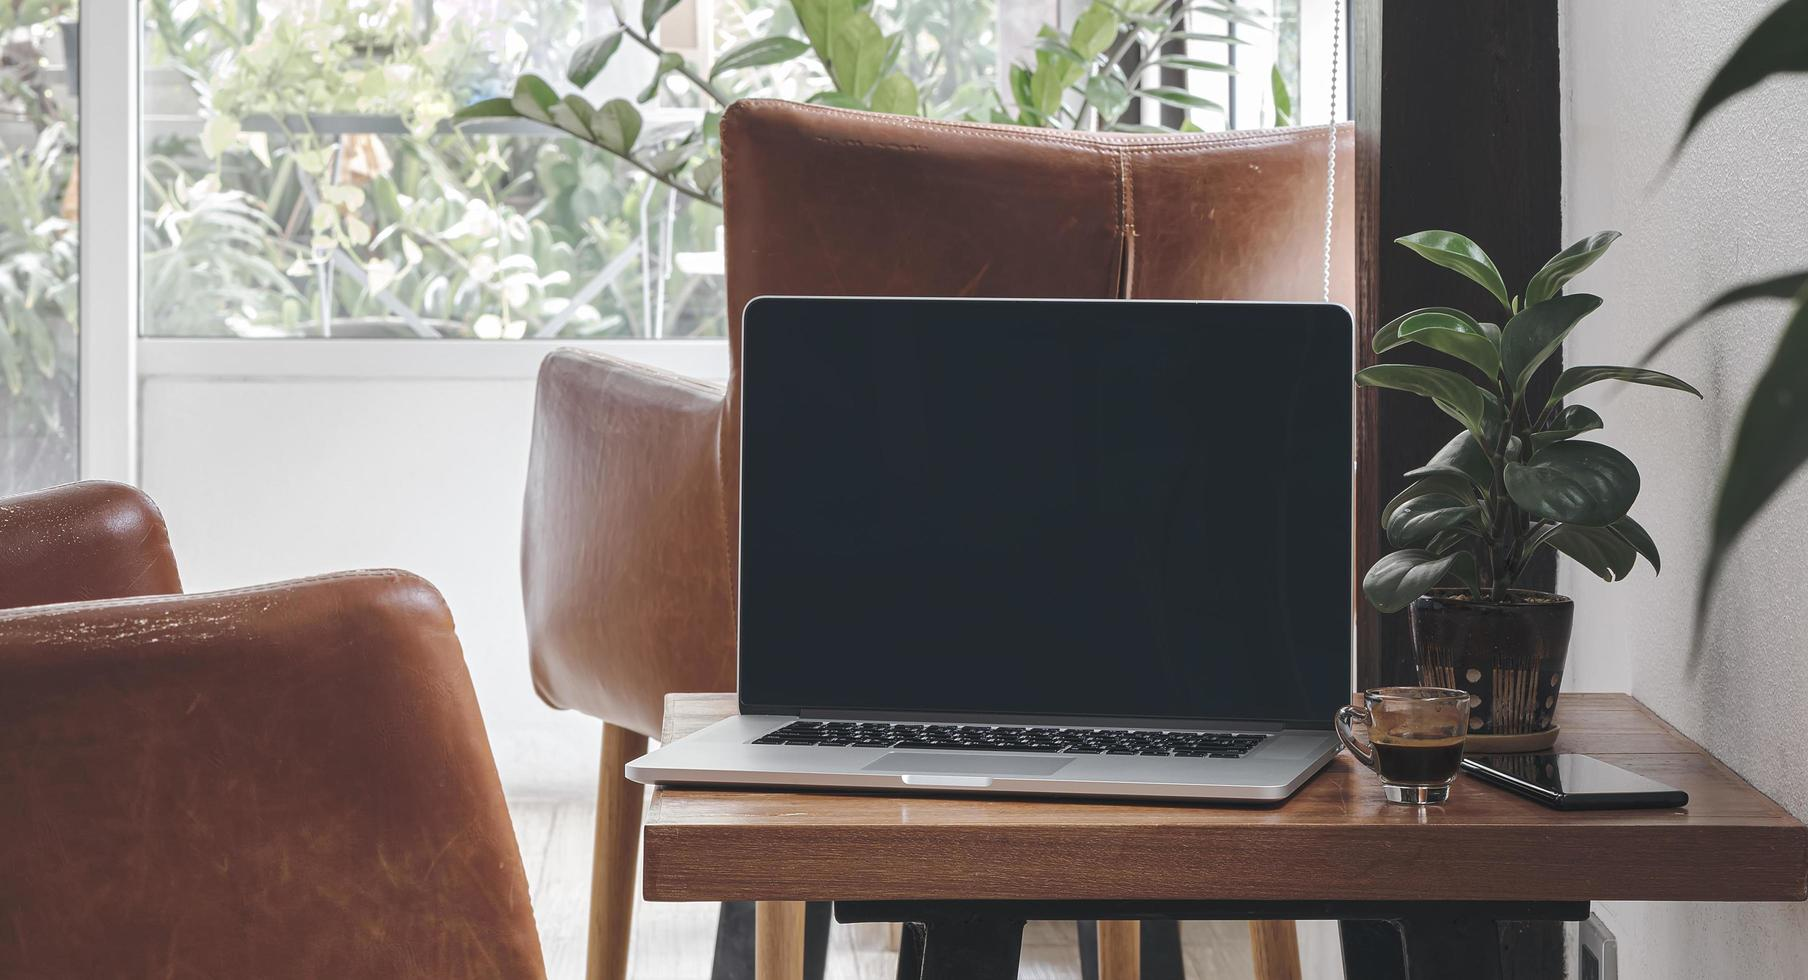 bärbar dator med espresso och telefon i vardagsrummet foto